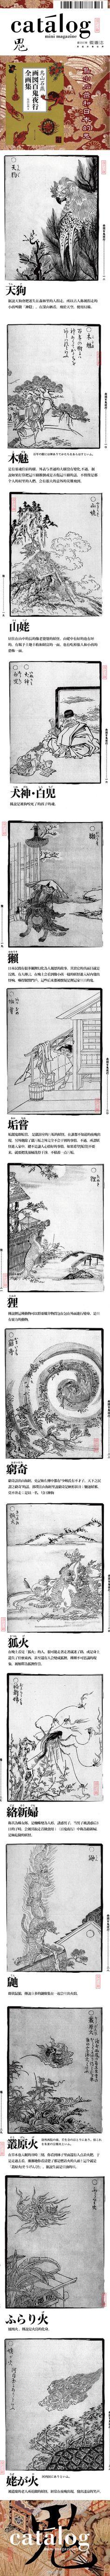 日本的鬼 | 鳥山石燕从《和漢三才图會》和傳統日本民間故事中搜集了大量素材,并整理成系譜,傾其一生完成了《画圖百鬼夜行》、《今昔画圖續百鬼》、《今昔百鬼拾遺》、《百器徒然袋》這四册妖怪画卷,合共描繪二百零七種妖怪,确立了今日我們所見到的日本的鬼的原型。